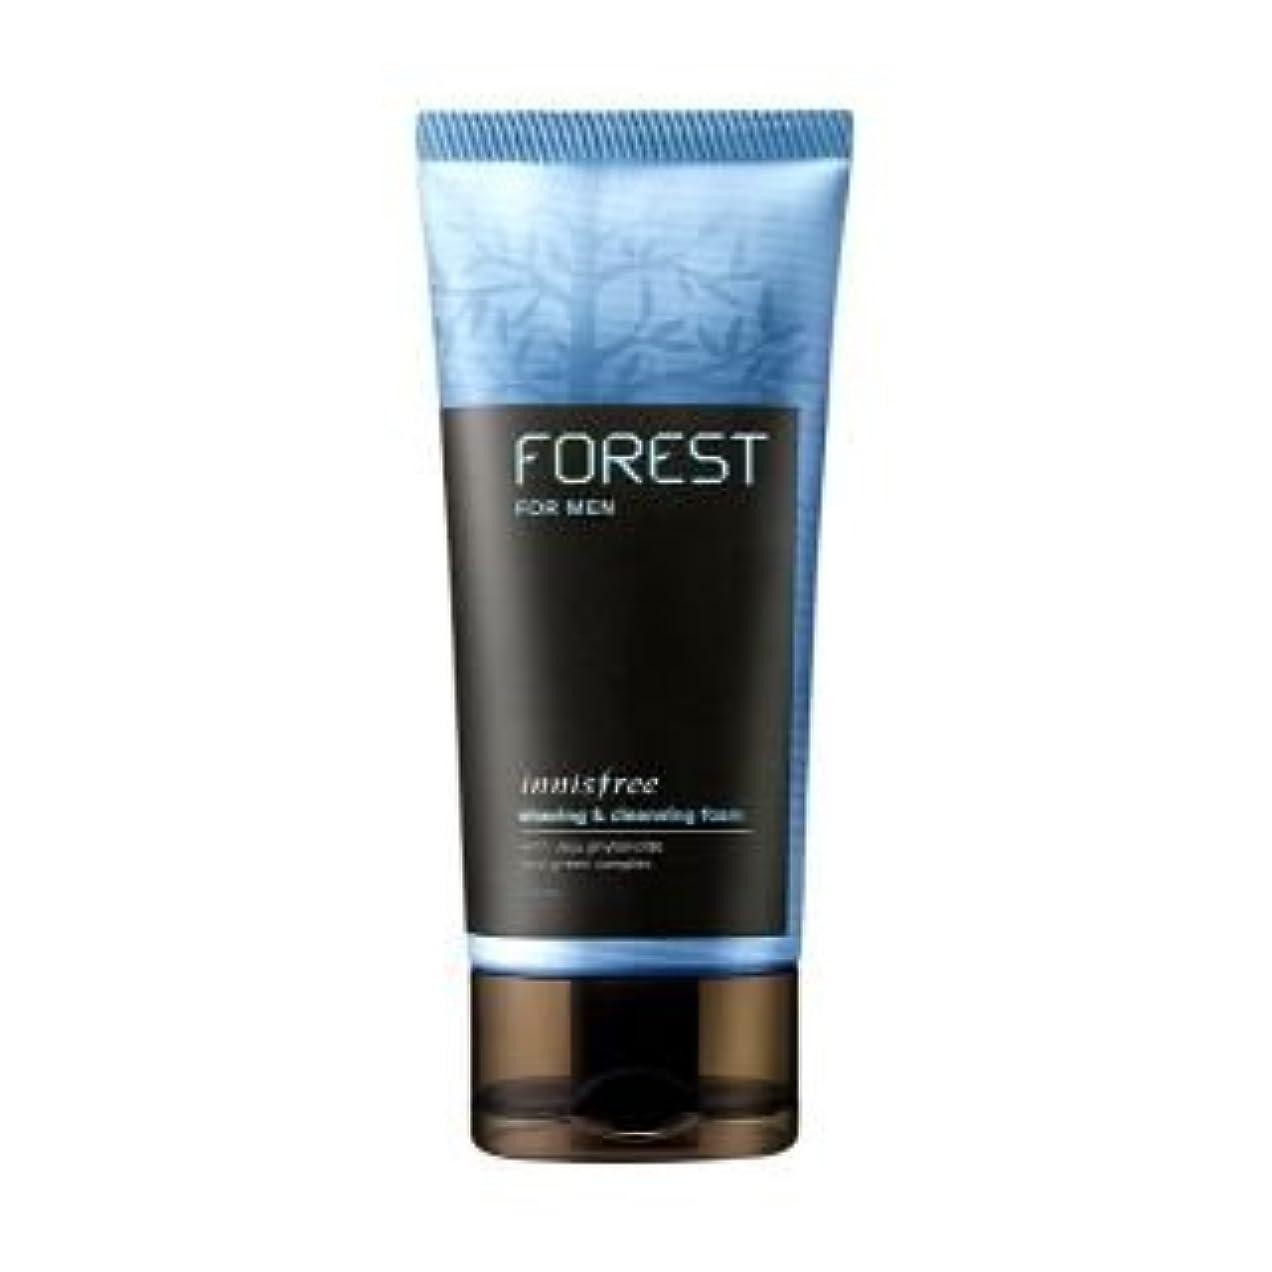 害虫記者音節[Innisfree] Forest For Men Shaving & Cleansing Foam 150ml by Innisfree [並行輸入品]